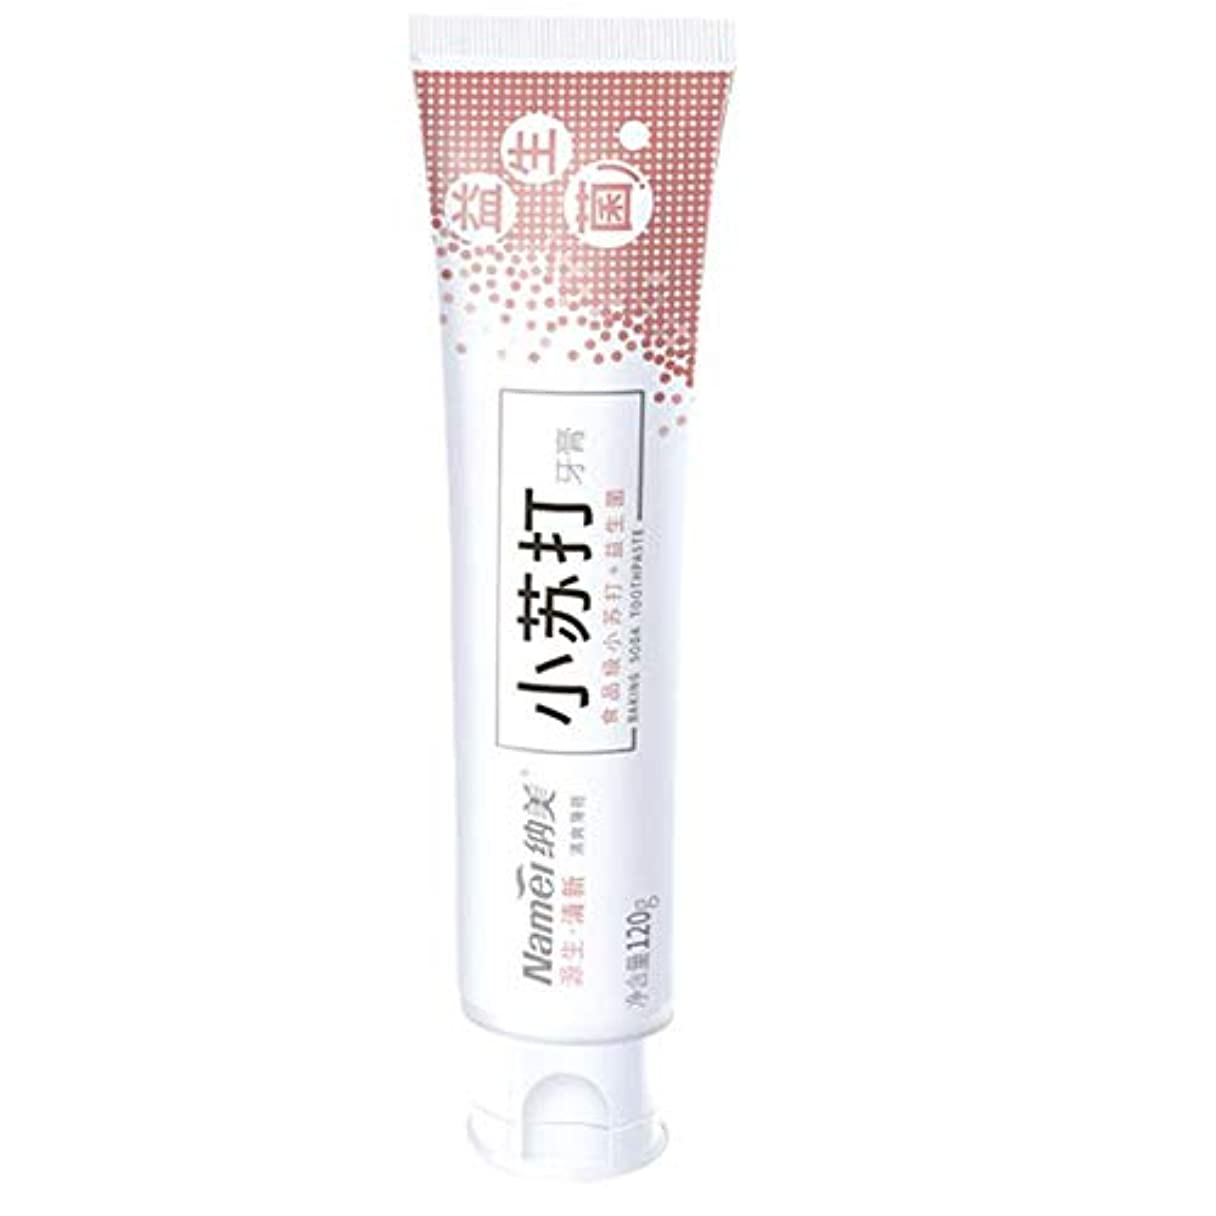 出費急速な今日Calloy クリア 汚れ クリーン 歯 歯磨き粉 歯茎を守る 海塩 美白 歯磨き粉 120g